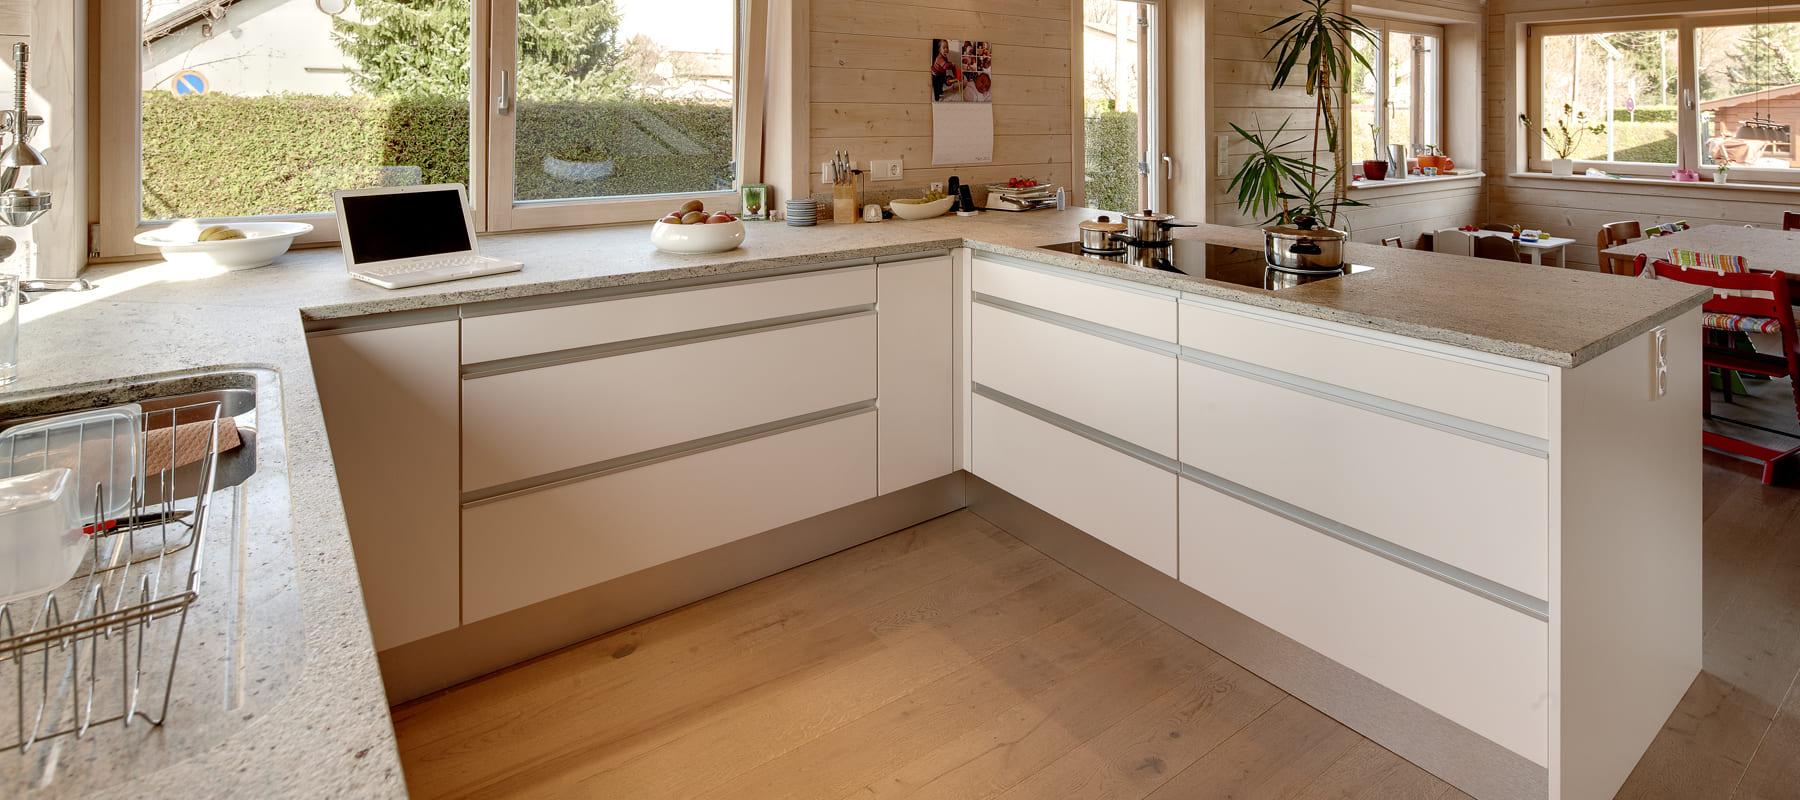 Dekorplatten küche  Küchen und Küchenmöbel aus Massivholz - Sonnleitner.de - Bauen Sie ...